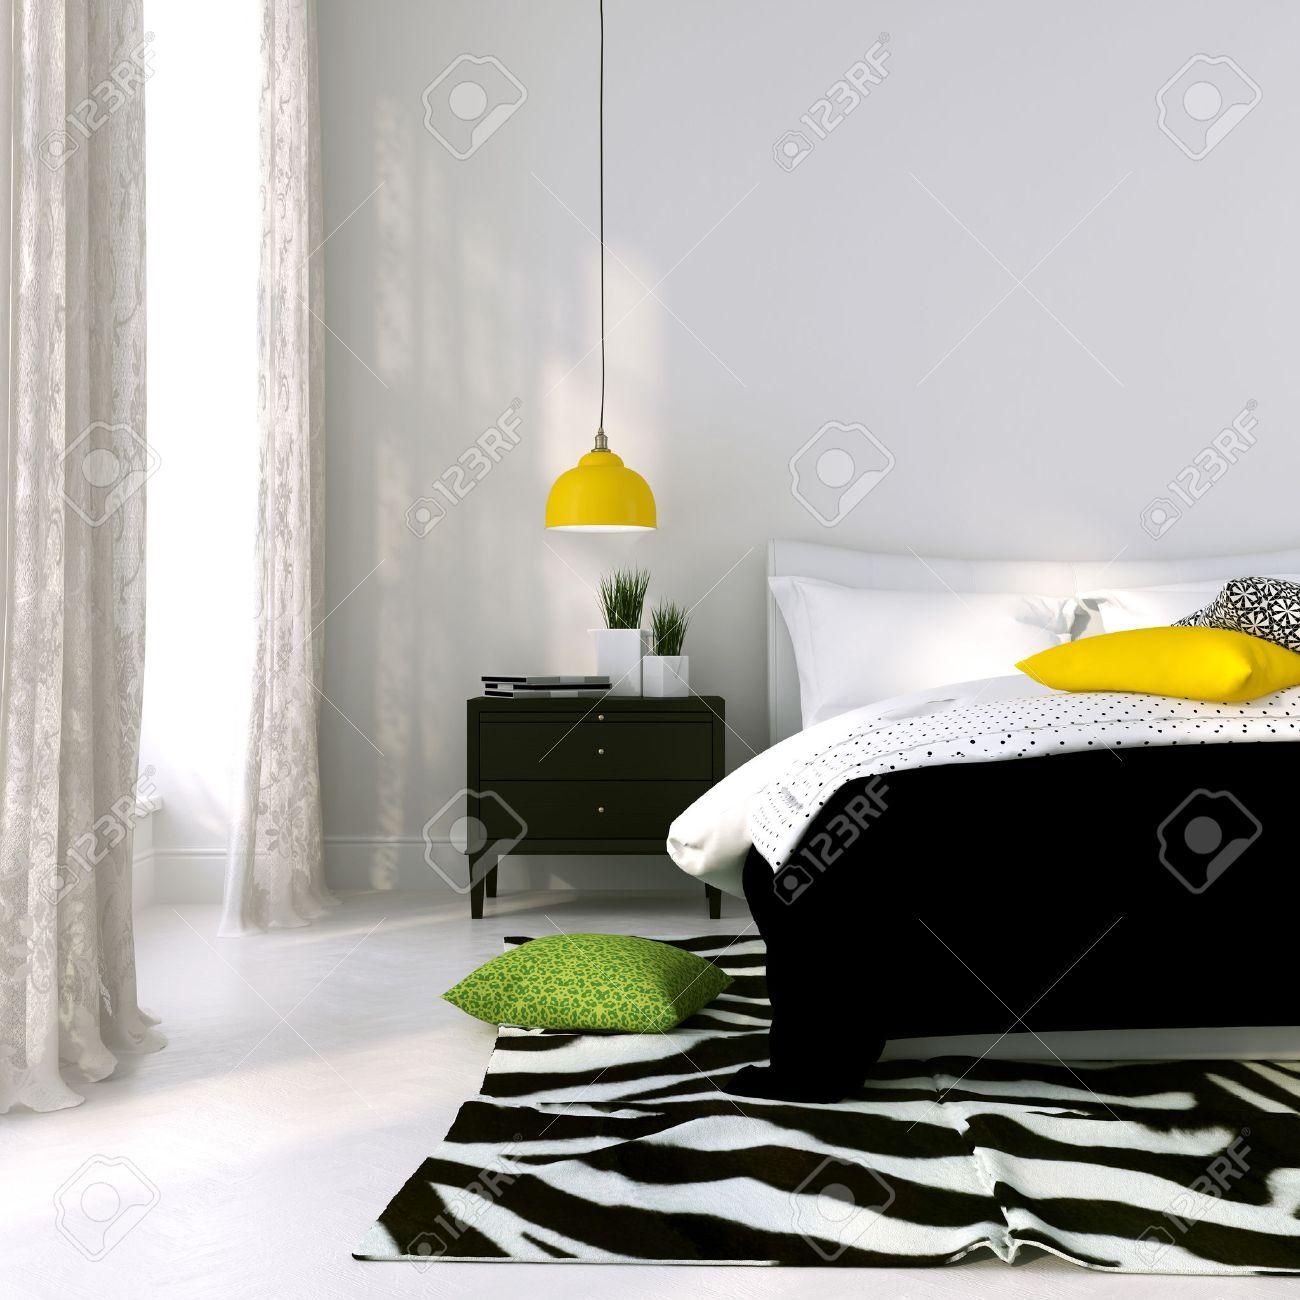 Slaapkamer in zwart wit met de gele lamp en gekleurde kussens ...